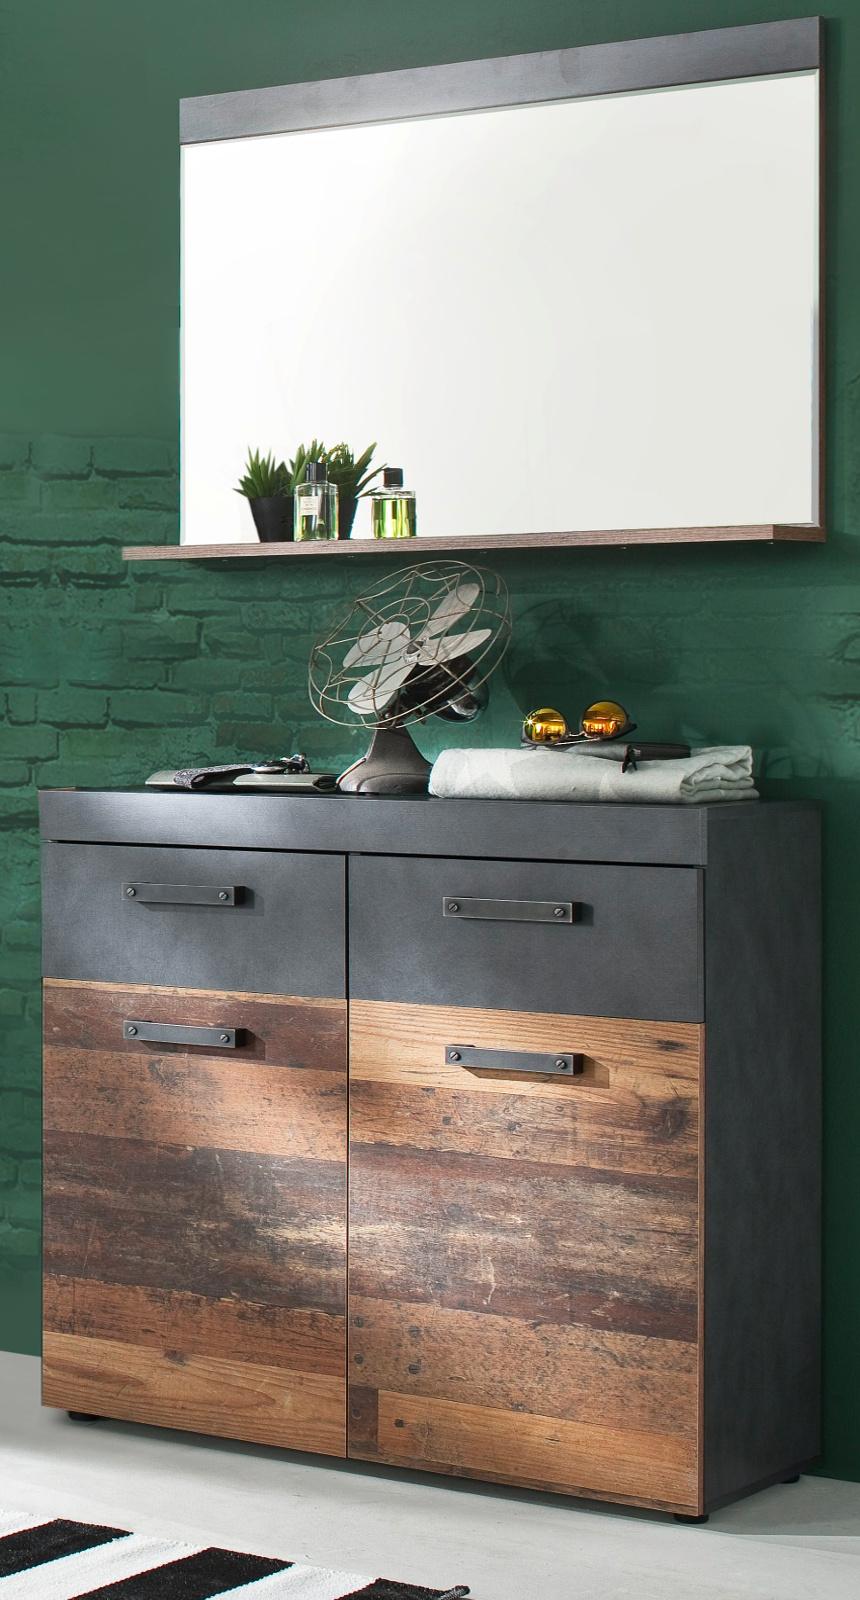 garderobenspiegel indy in shabby old used. Black Bedroom Furniture Sets. Home Design Ideas